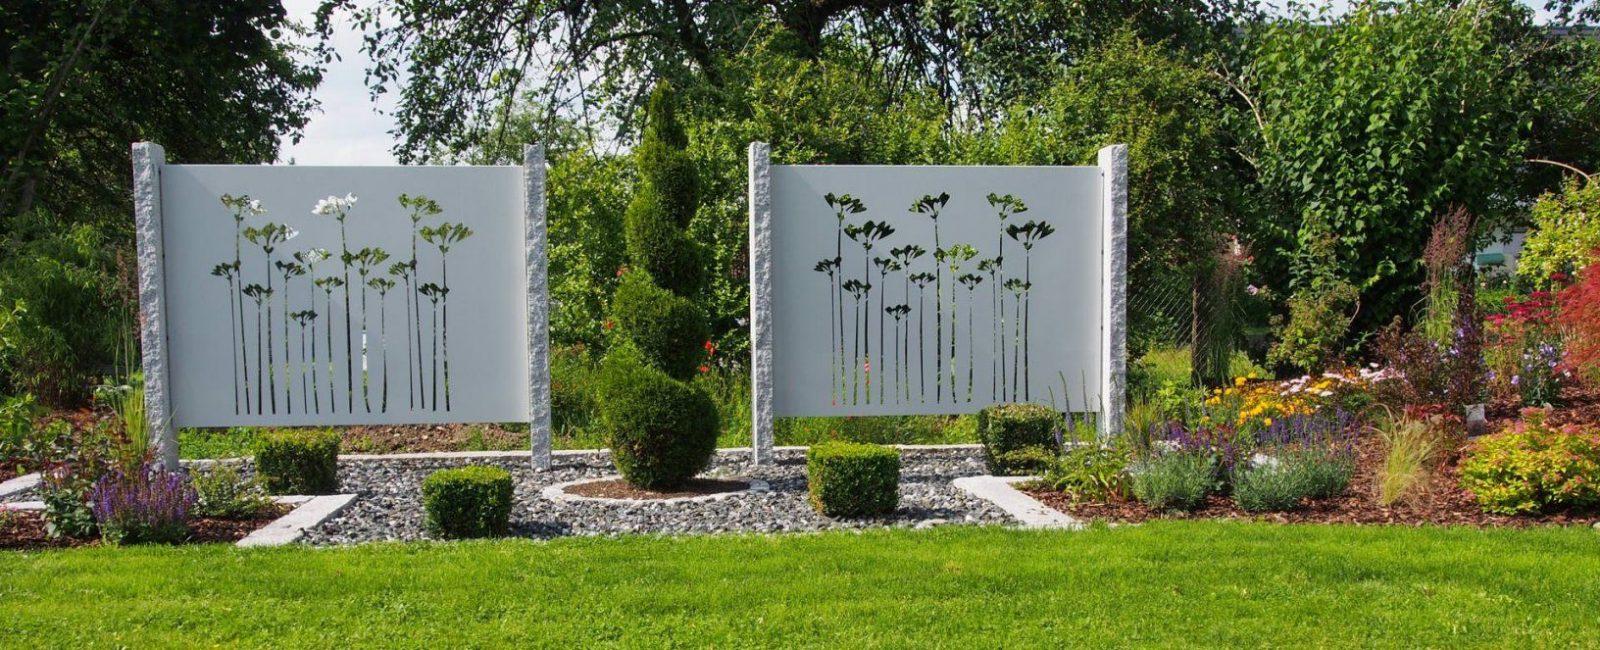 Gewaltig Moderner Sichtschutz Für Garten Foto Von Fabelhaft Modern Ist Herrlich Ideen Die Von